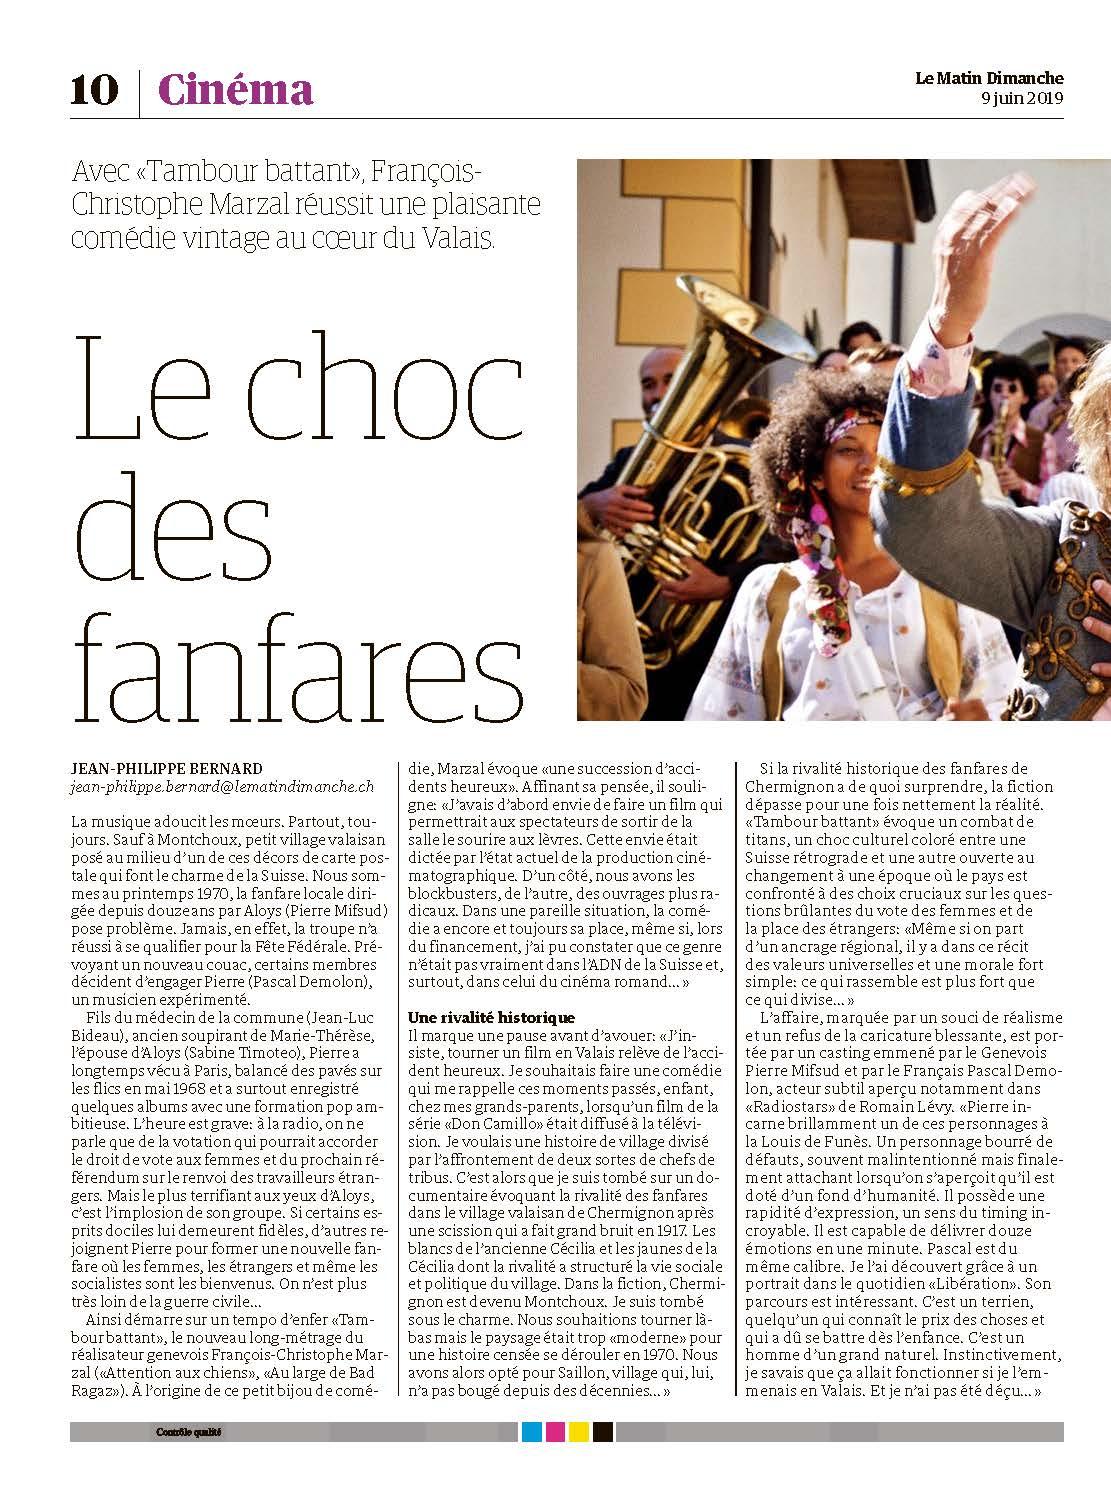 Le Matin Dimanche - 19 Juin 2019 (Page 1)